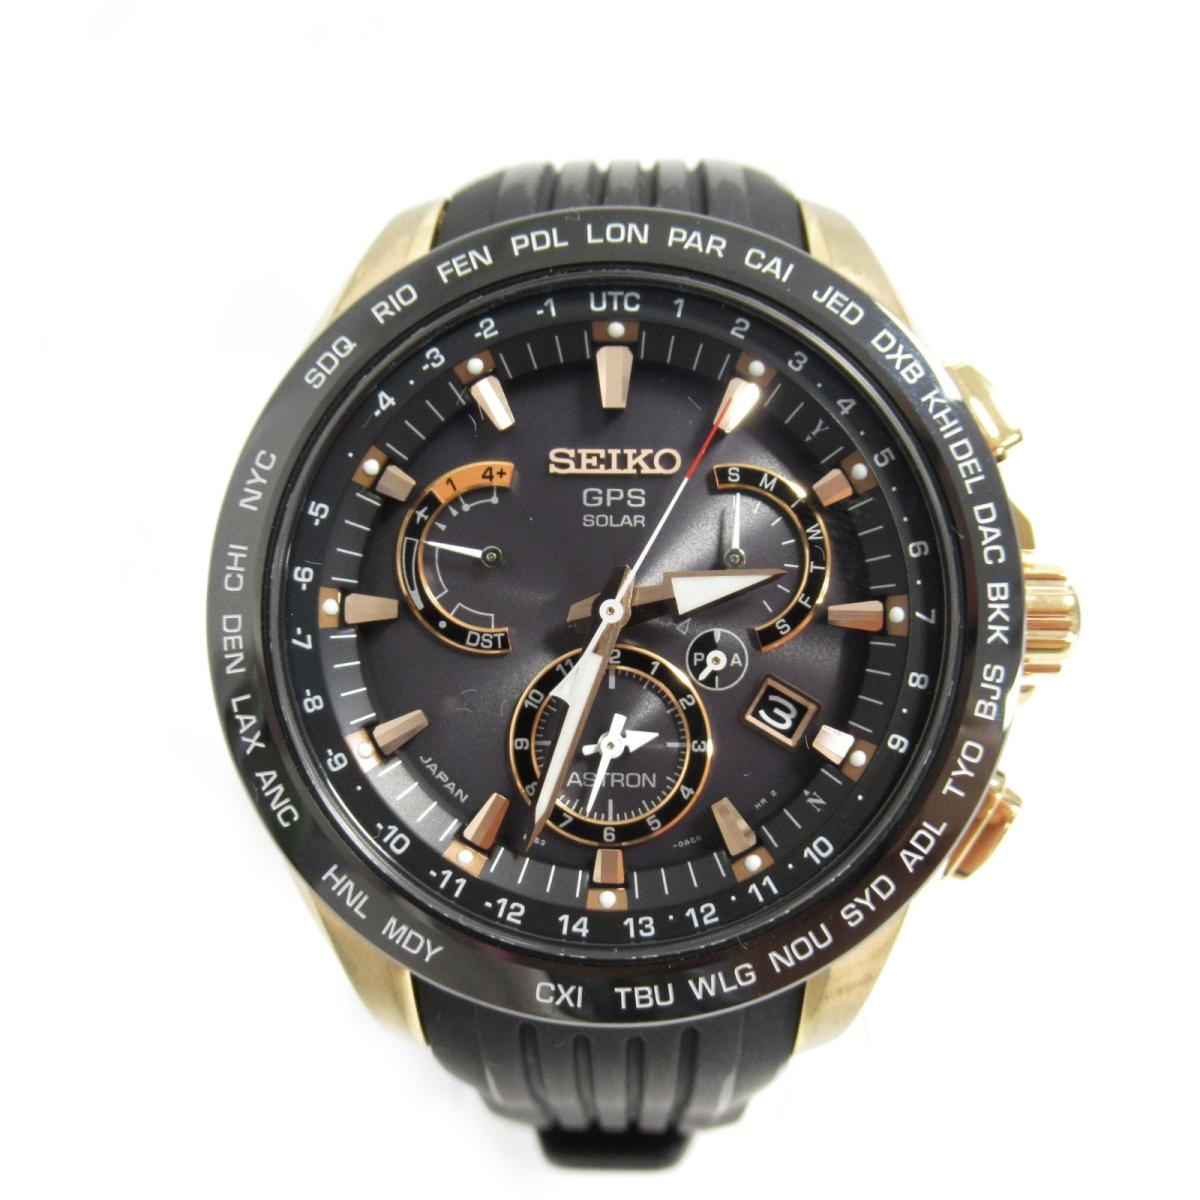 ≪期間限定≫メルマガ登録でクーポンGET! 【中古】セイコー アストロン GPS ソーラー 腕時計 メンズ ステンレススチール (SS) ピンクゴールドメッキ セラミック ラバーベルト (SB B055)   SEIKO BRANDOFF ブランドオフ ブランド ブランド時計 ブランド腕時計 時計 ウォッチ